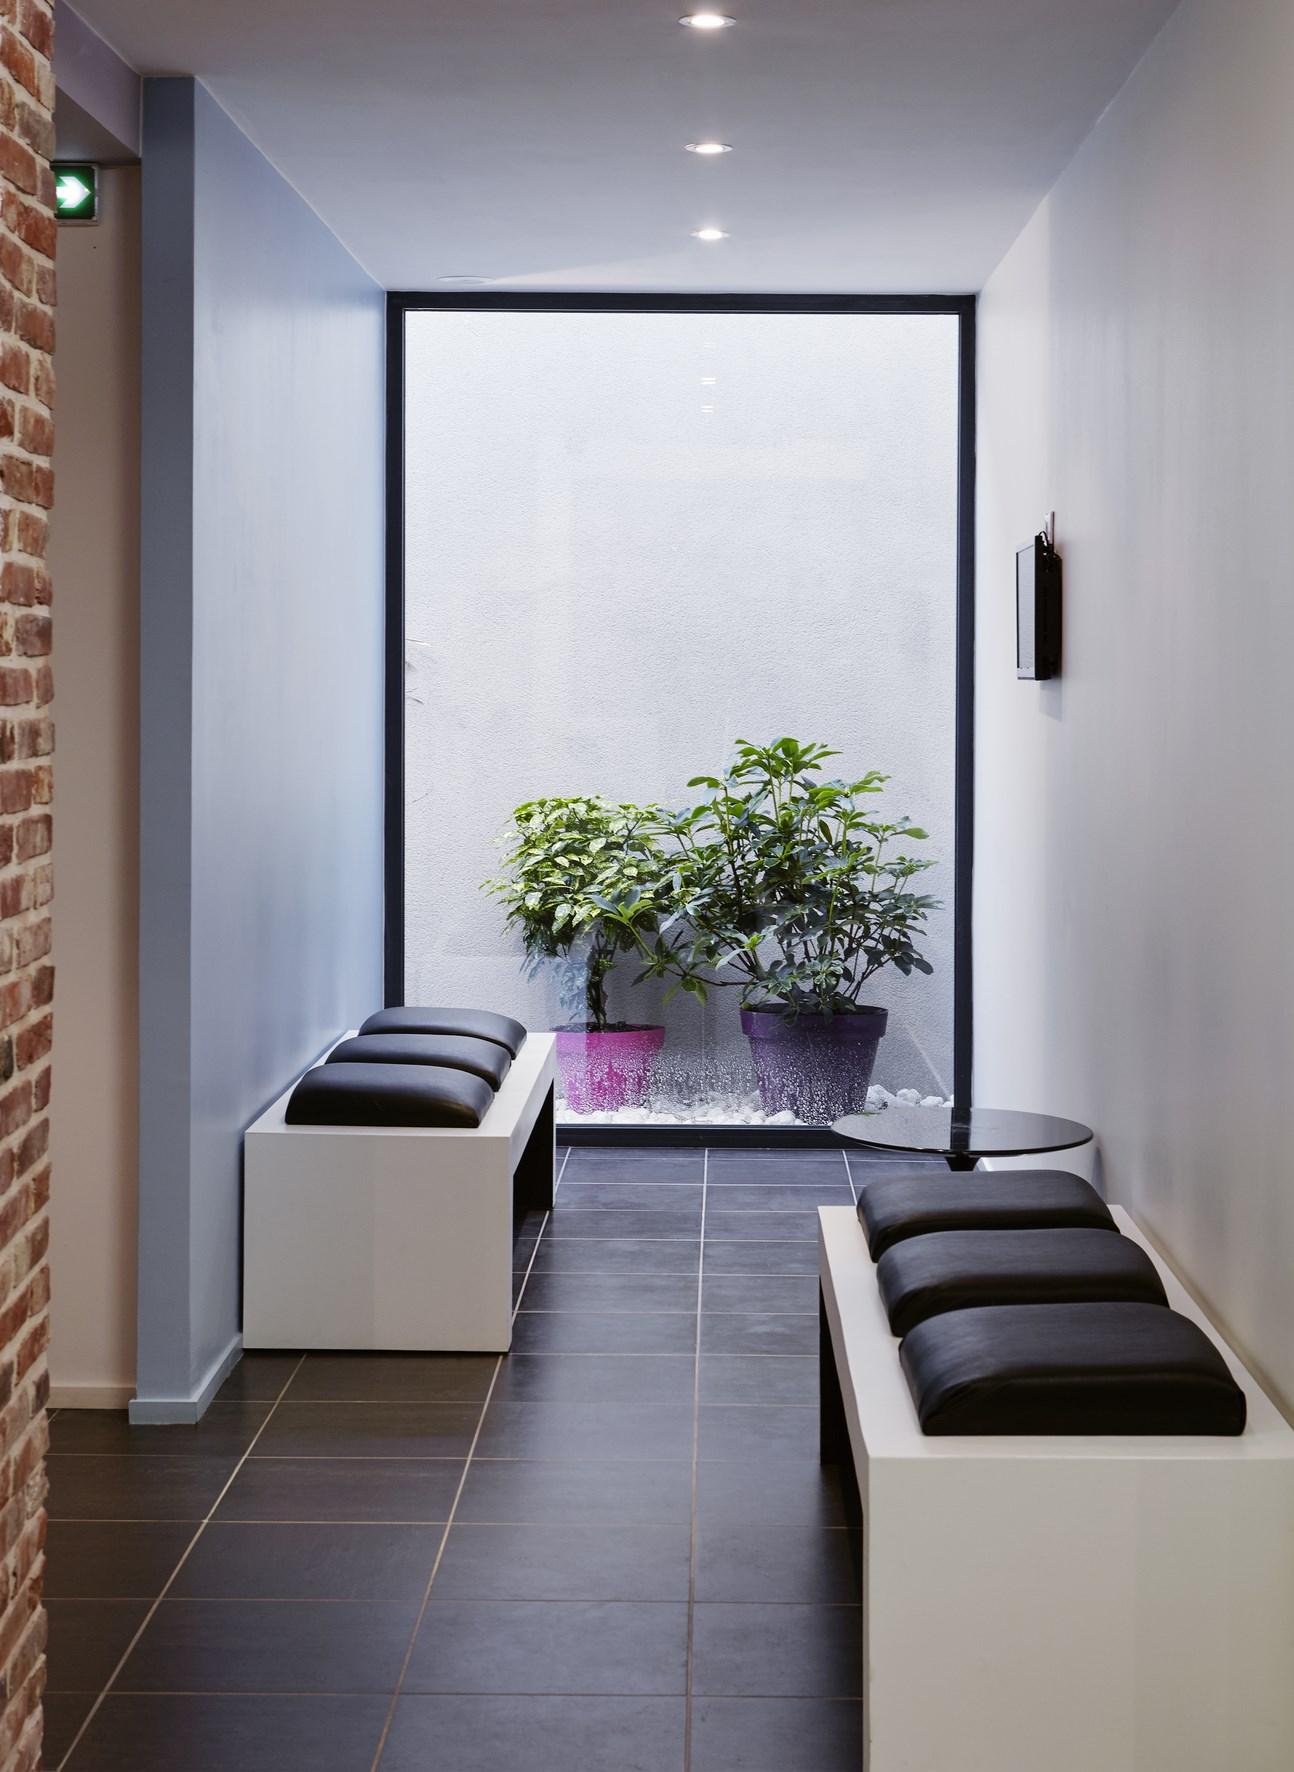 extension d 39 un cabinet dentaire templeuve architecte lille plux. Black Bedroom Furniture Sets. Home Design Ideas